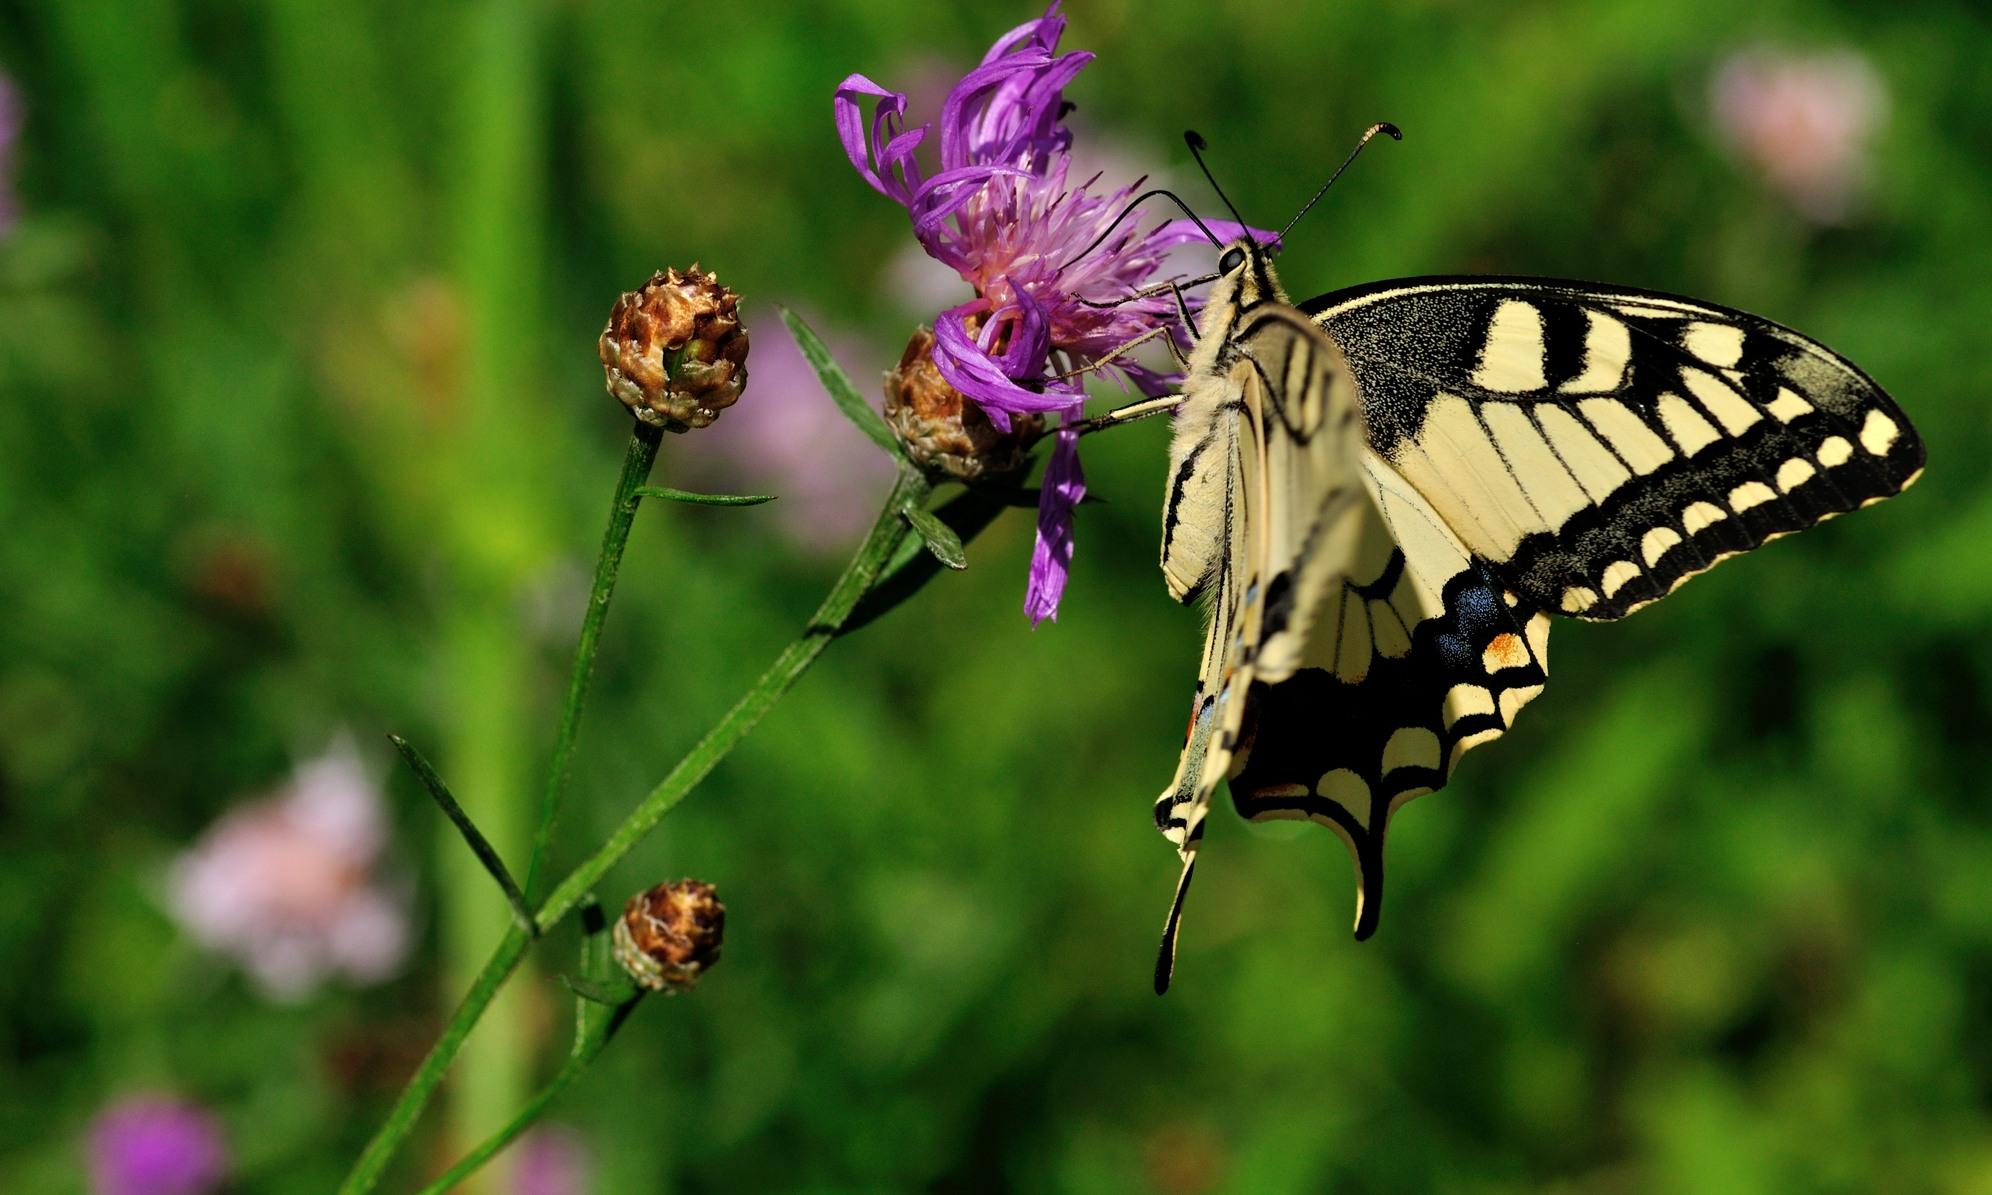 Schwalbenschwanz - Lepidoptera